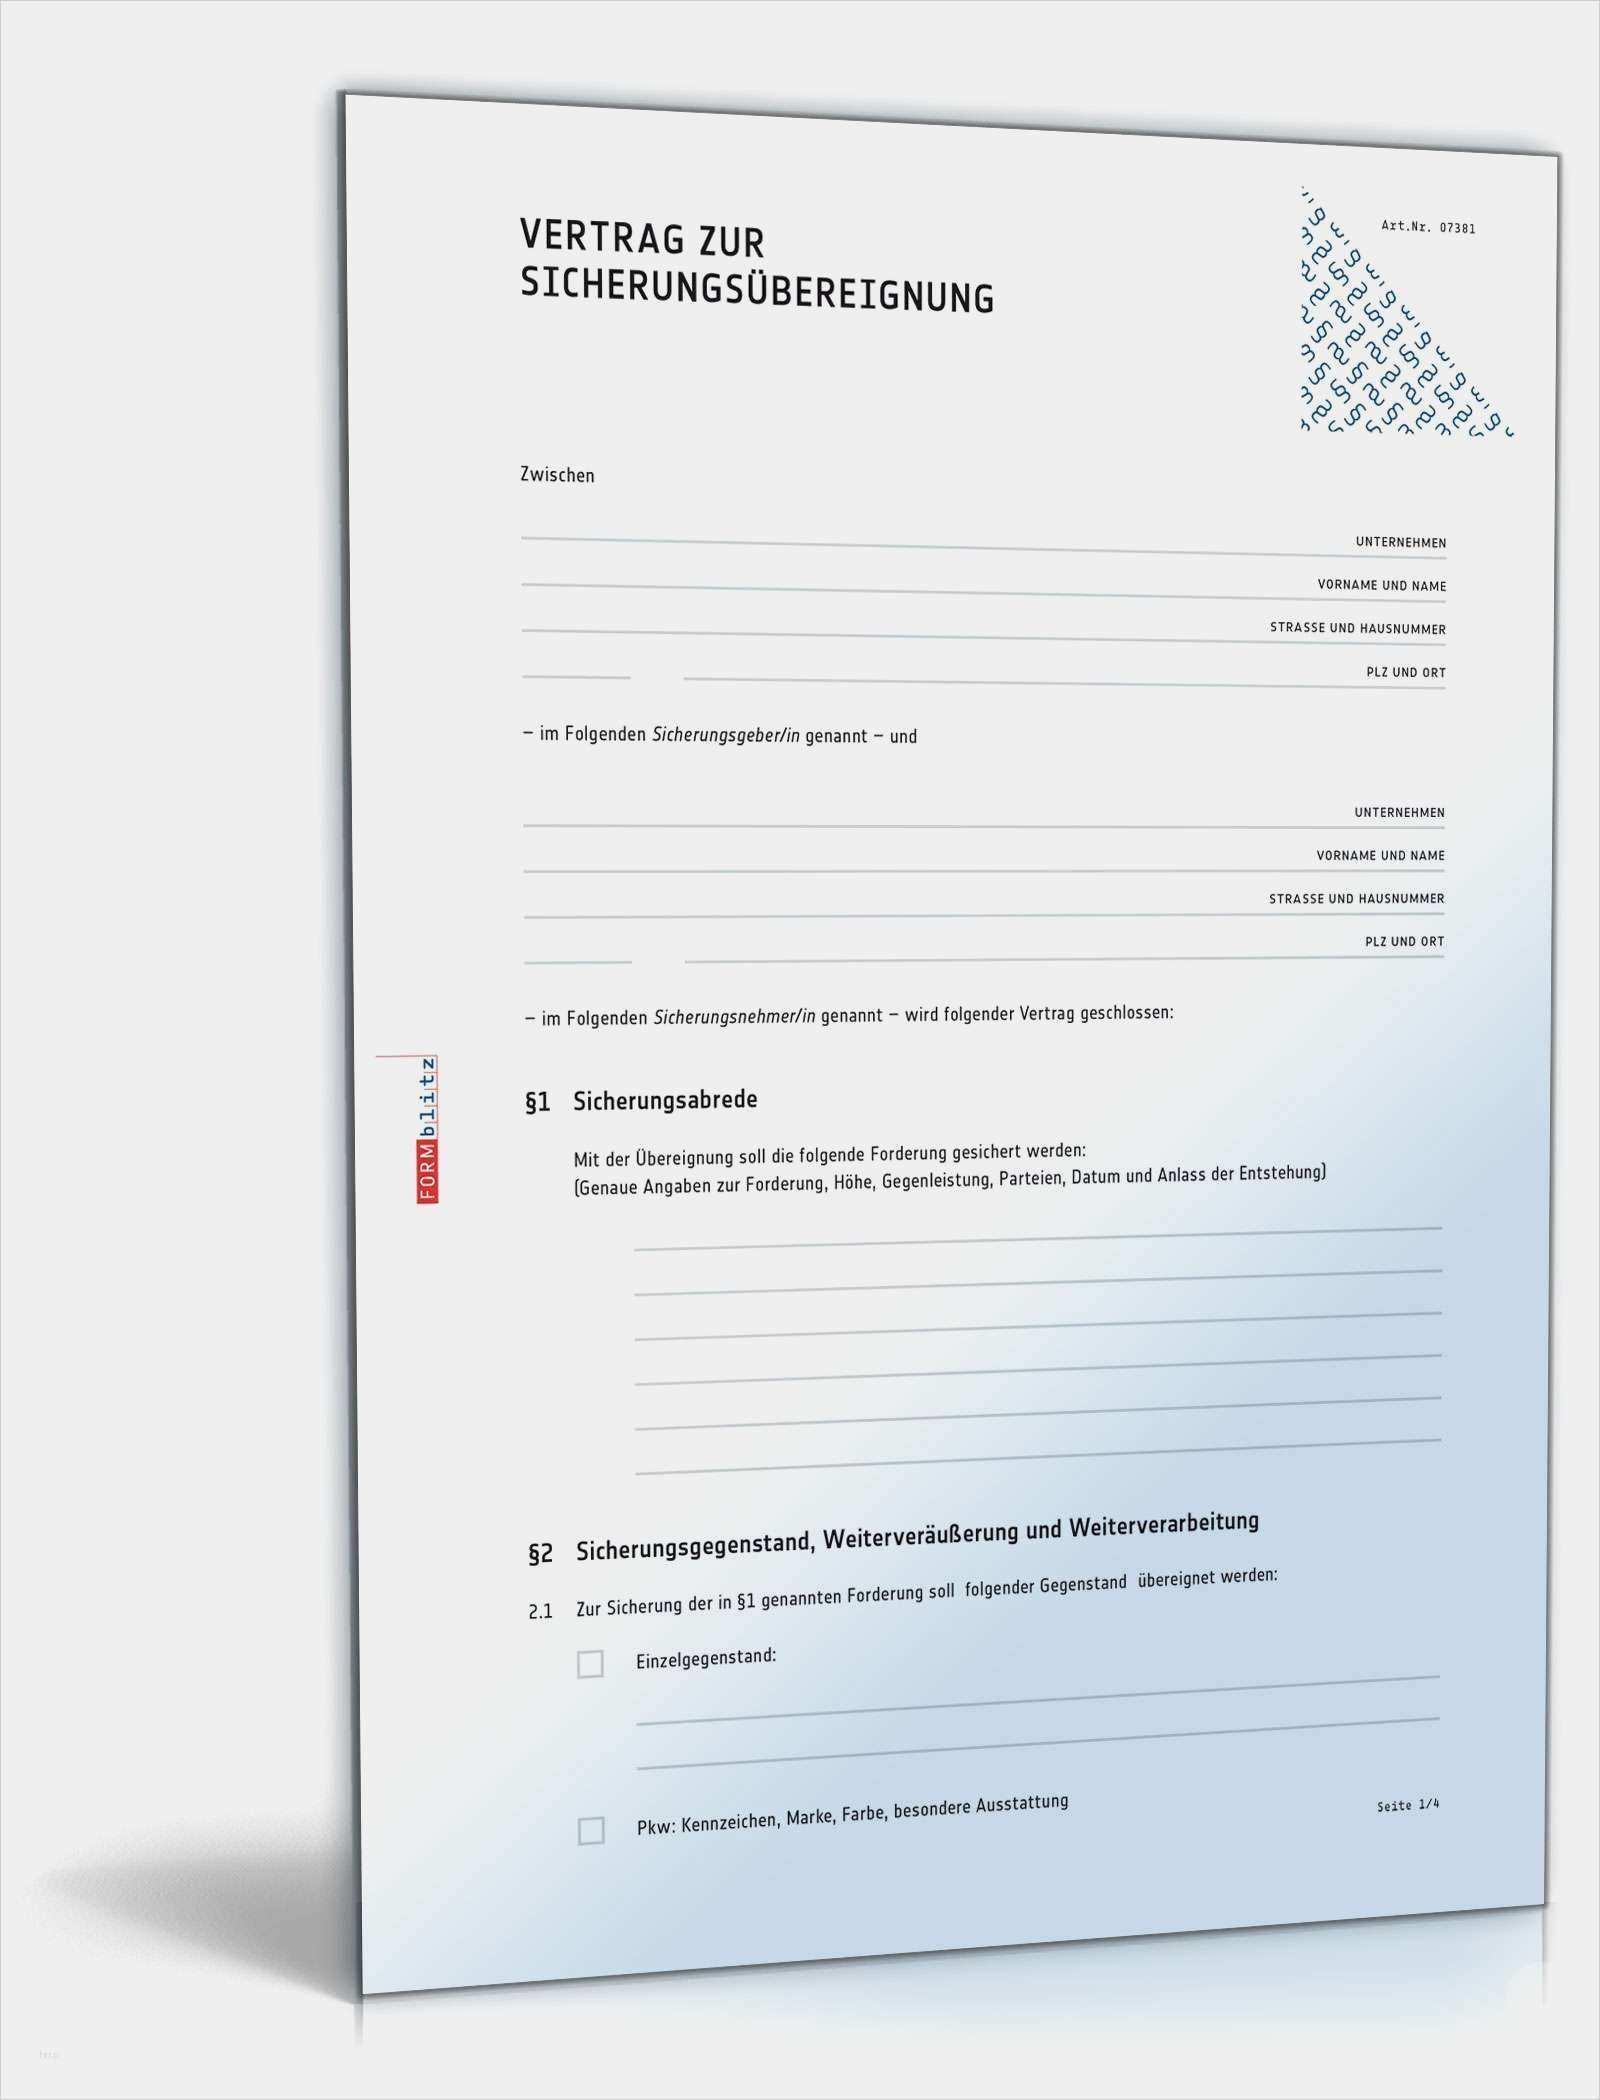 36 Schonste Vertrag Zur Untermiete Vorlage Kostenlos Ideen In 2020 Vorlagen Word Rechnung Vorlage Excel Vorlage